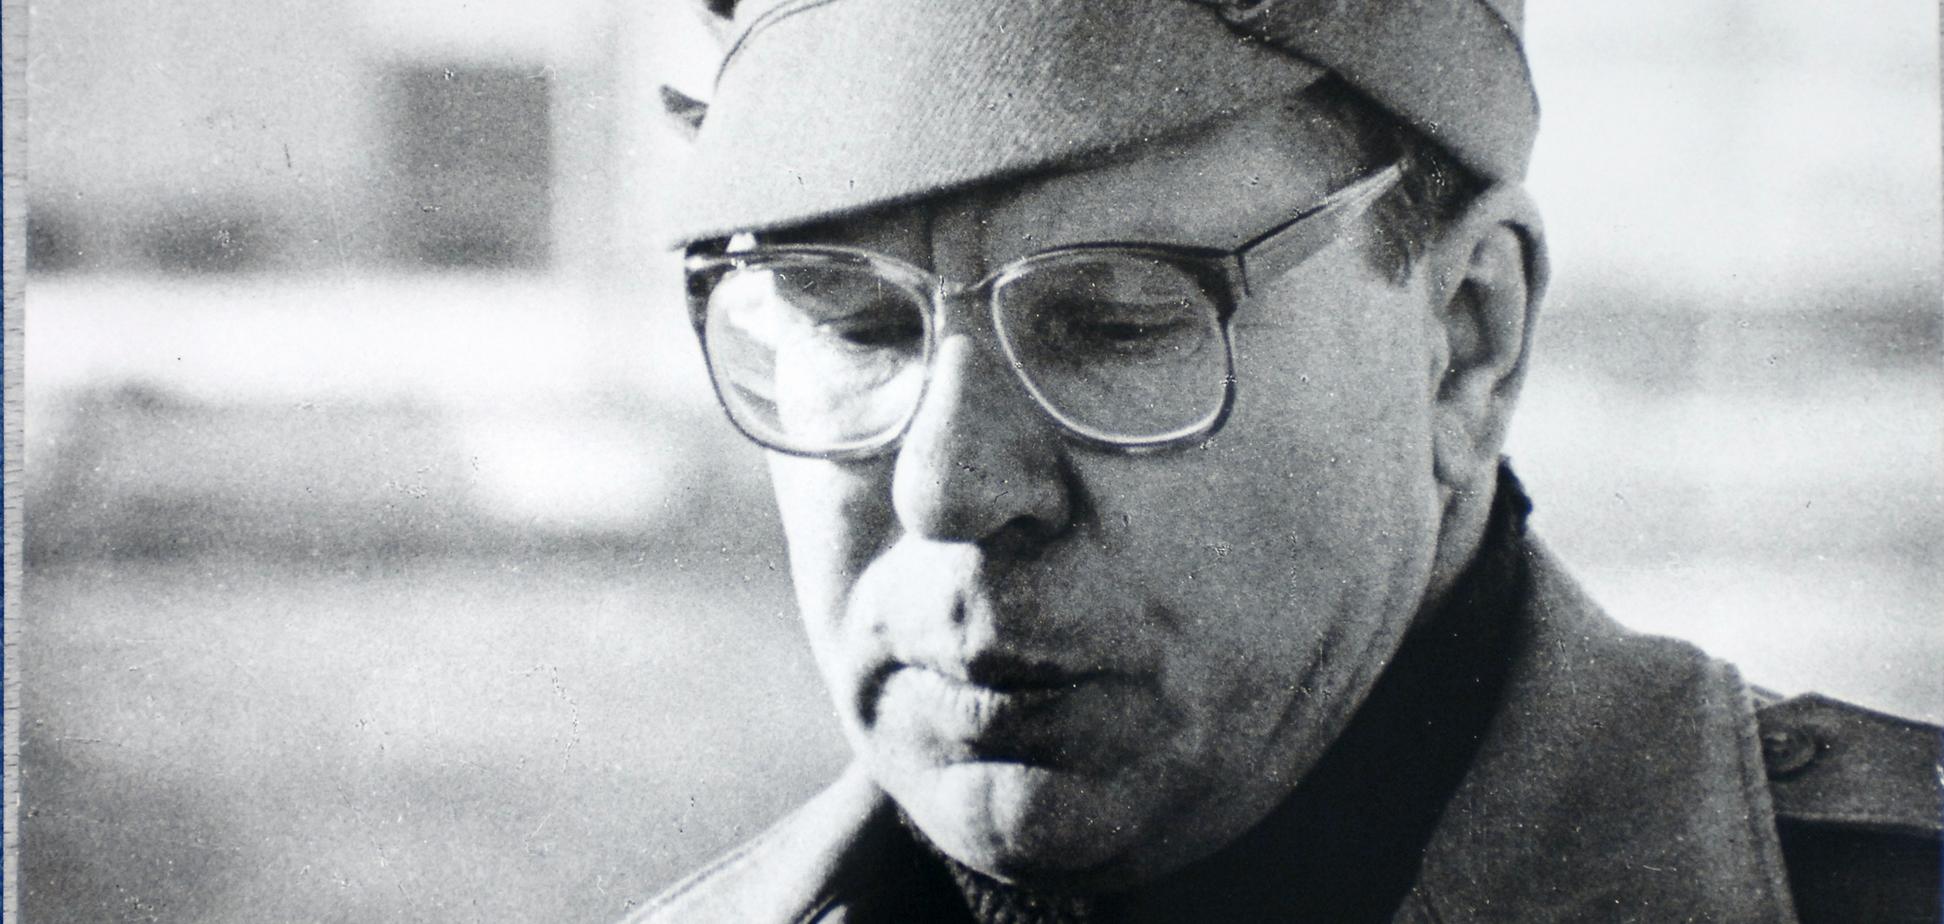 Валерій Легасов був єдиним вченим, що працював на місці катастрофи в Чорнобилі